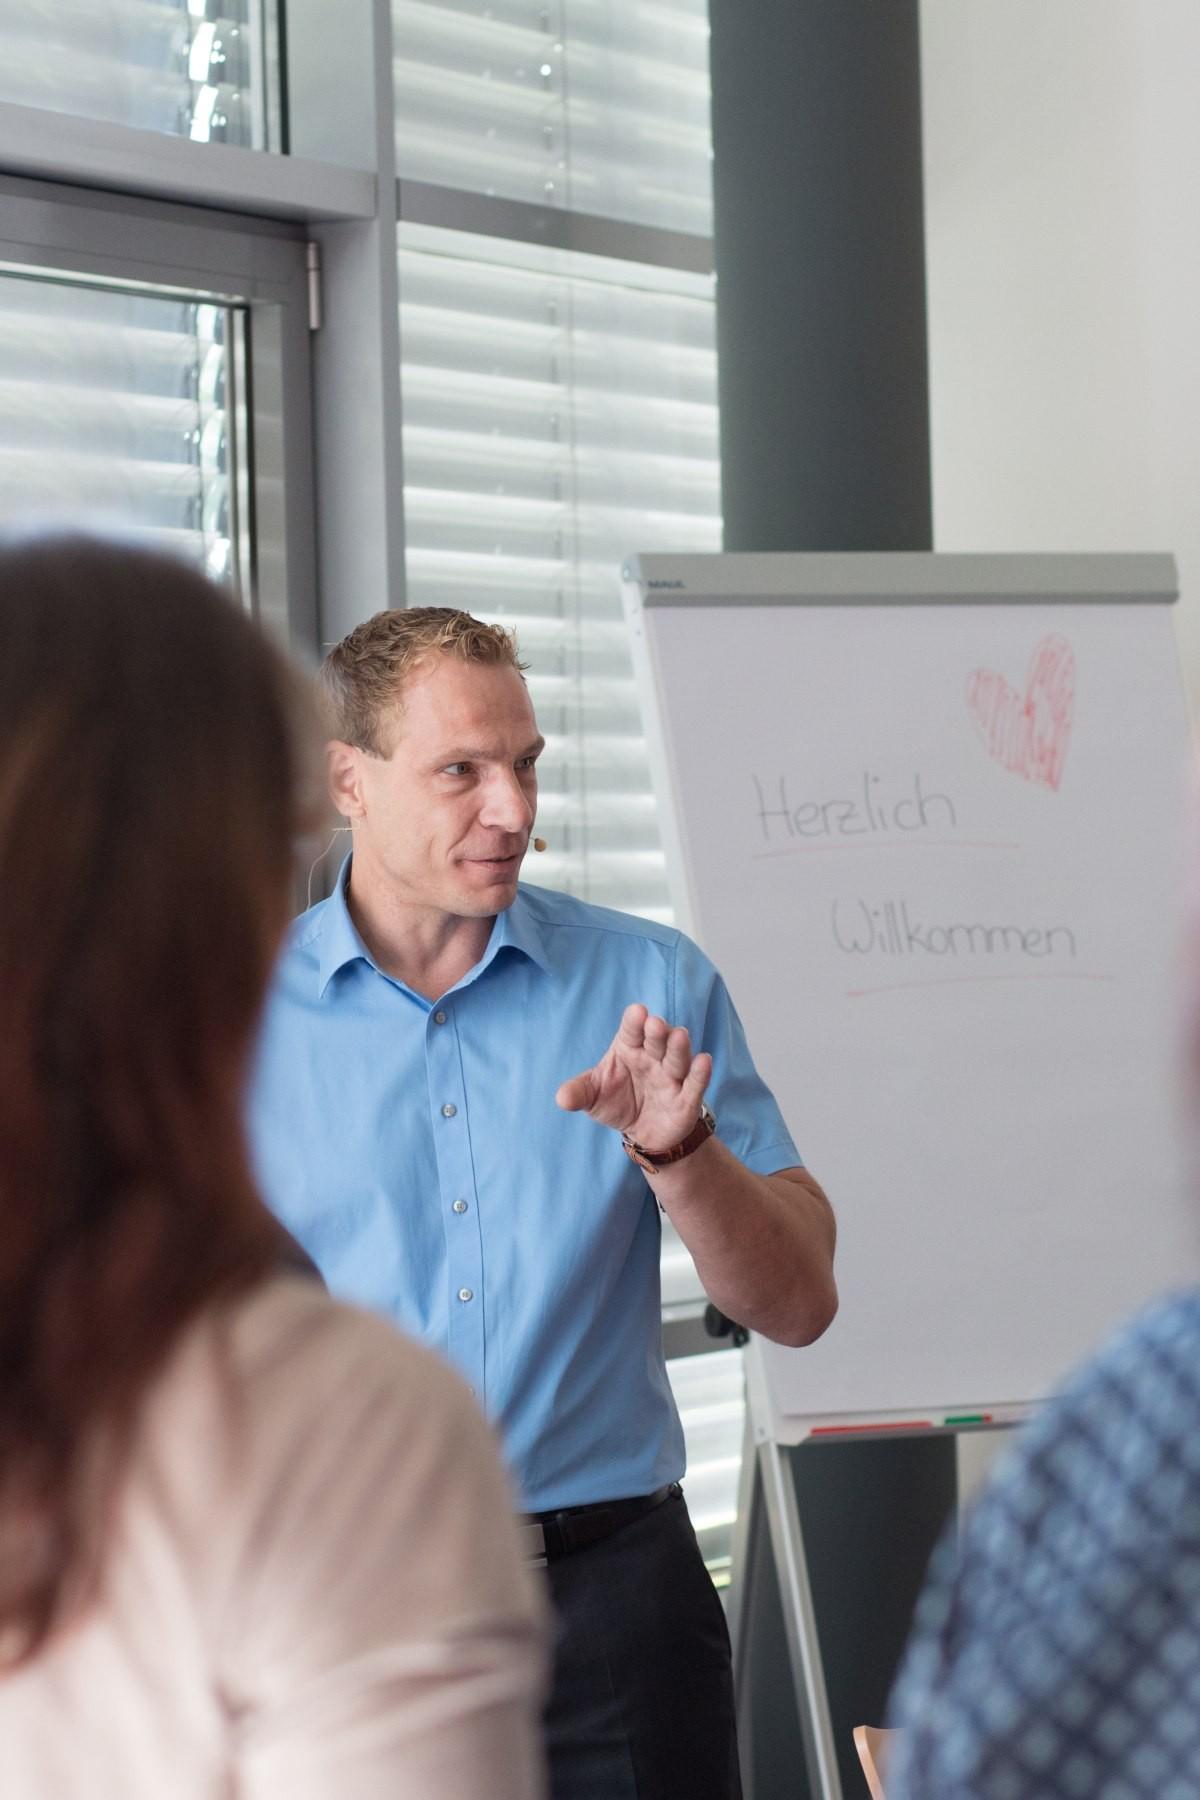 Martin Lauble spricht über die ergonomische Arbeitsplatzgestaltung